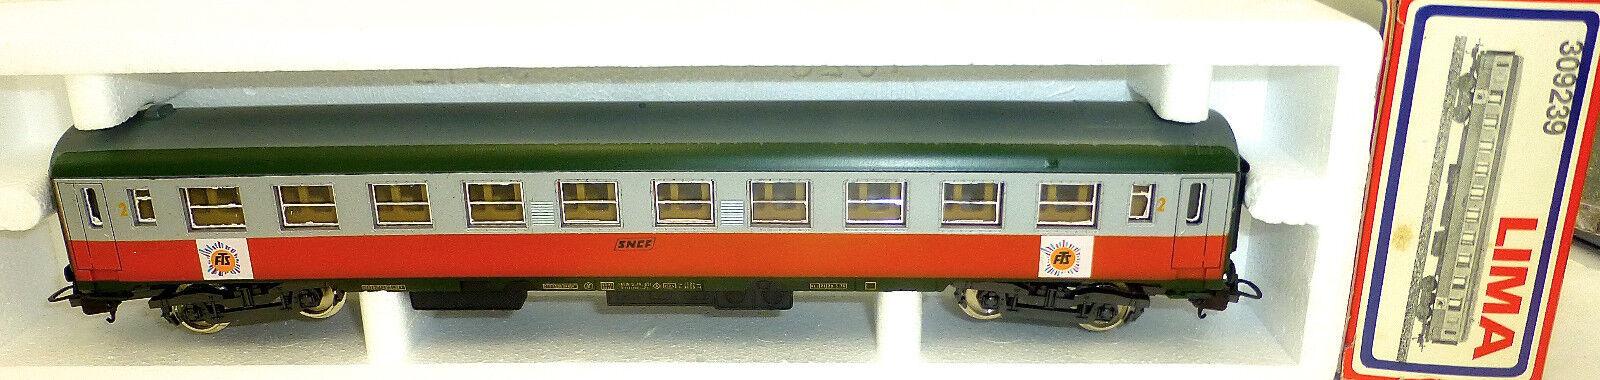 SNCF FTS Carroza Lima 309239 H0 1 87 conf. orig. Å